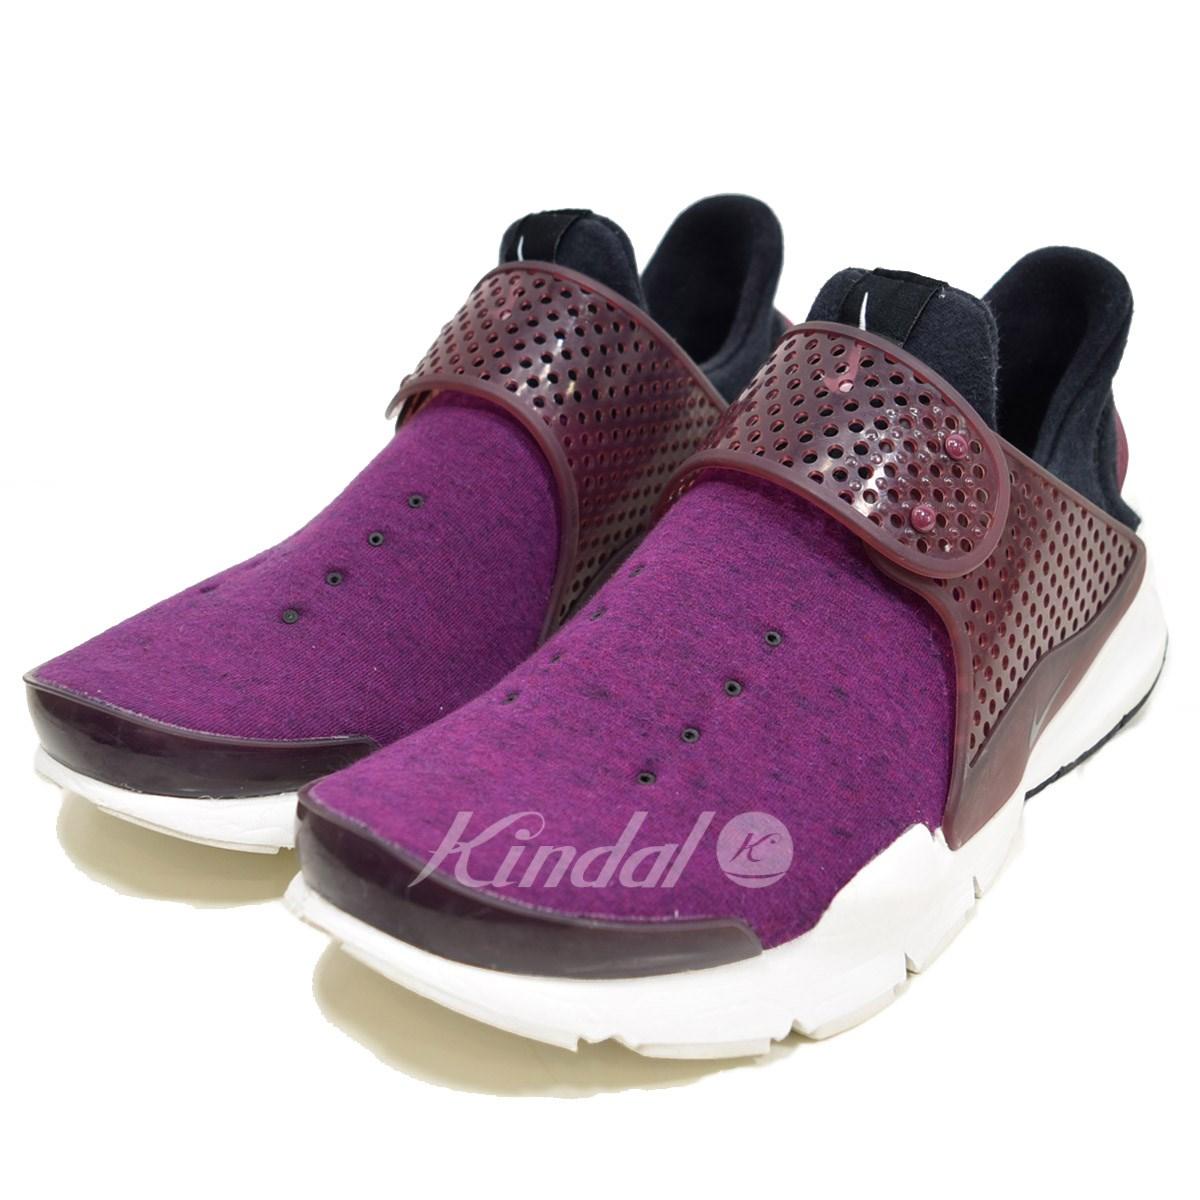 9dc39d25bf6d NIKE SOCKDART TECH FLEECE MULBERRY 834669 501 purple size  US 8 (Nike)